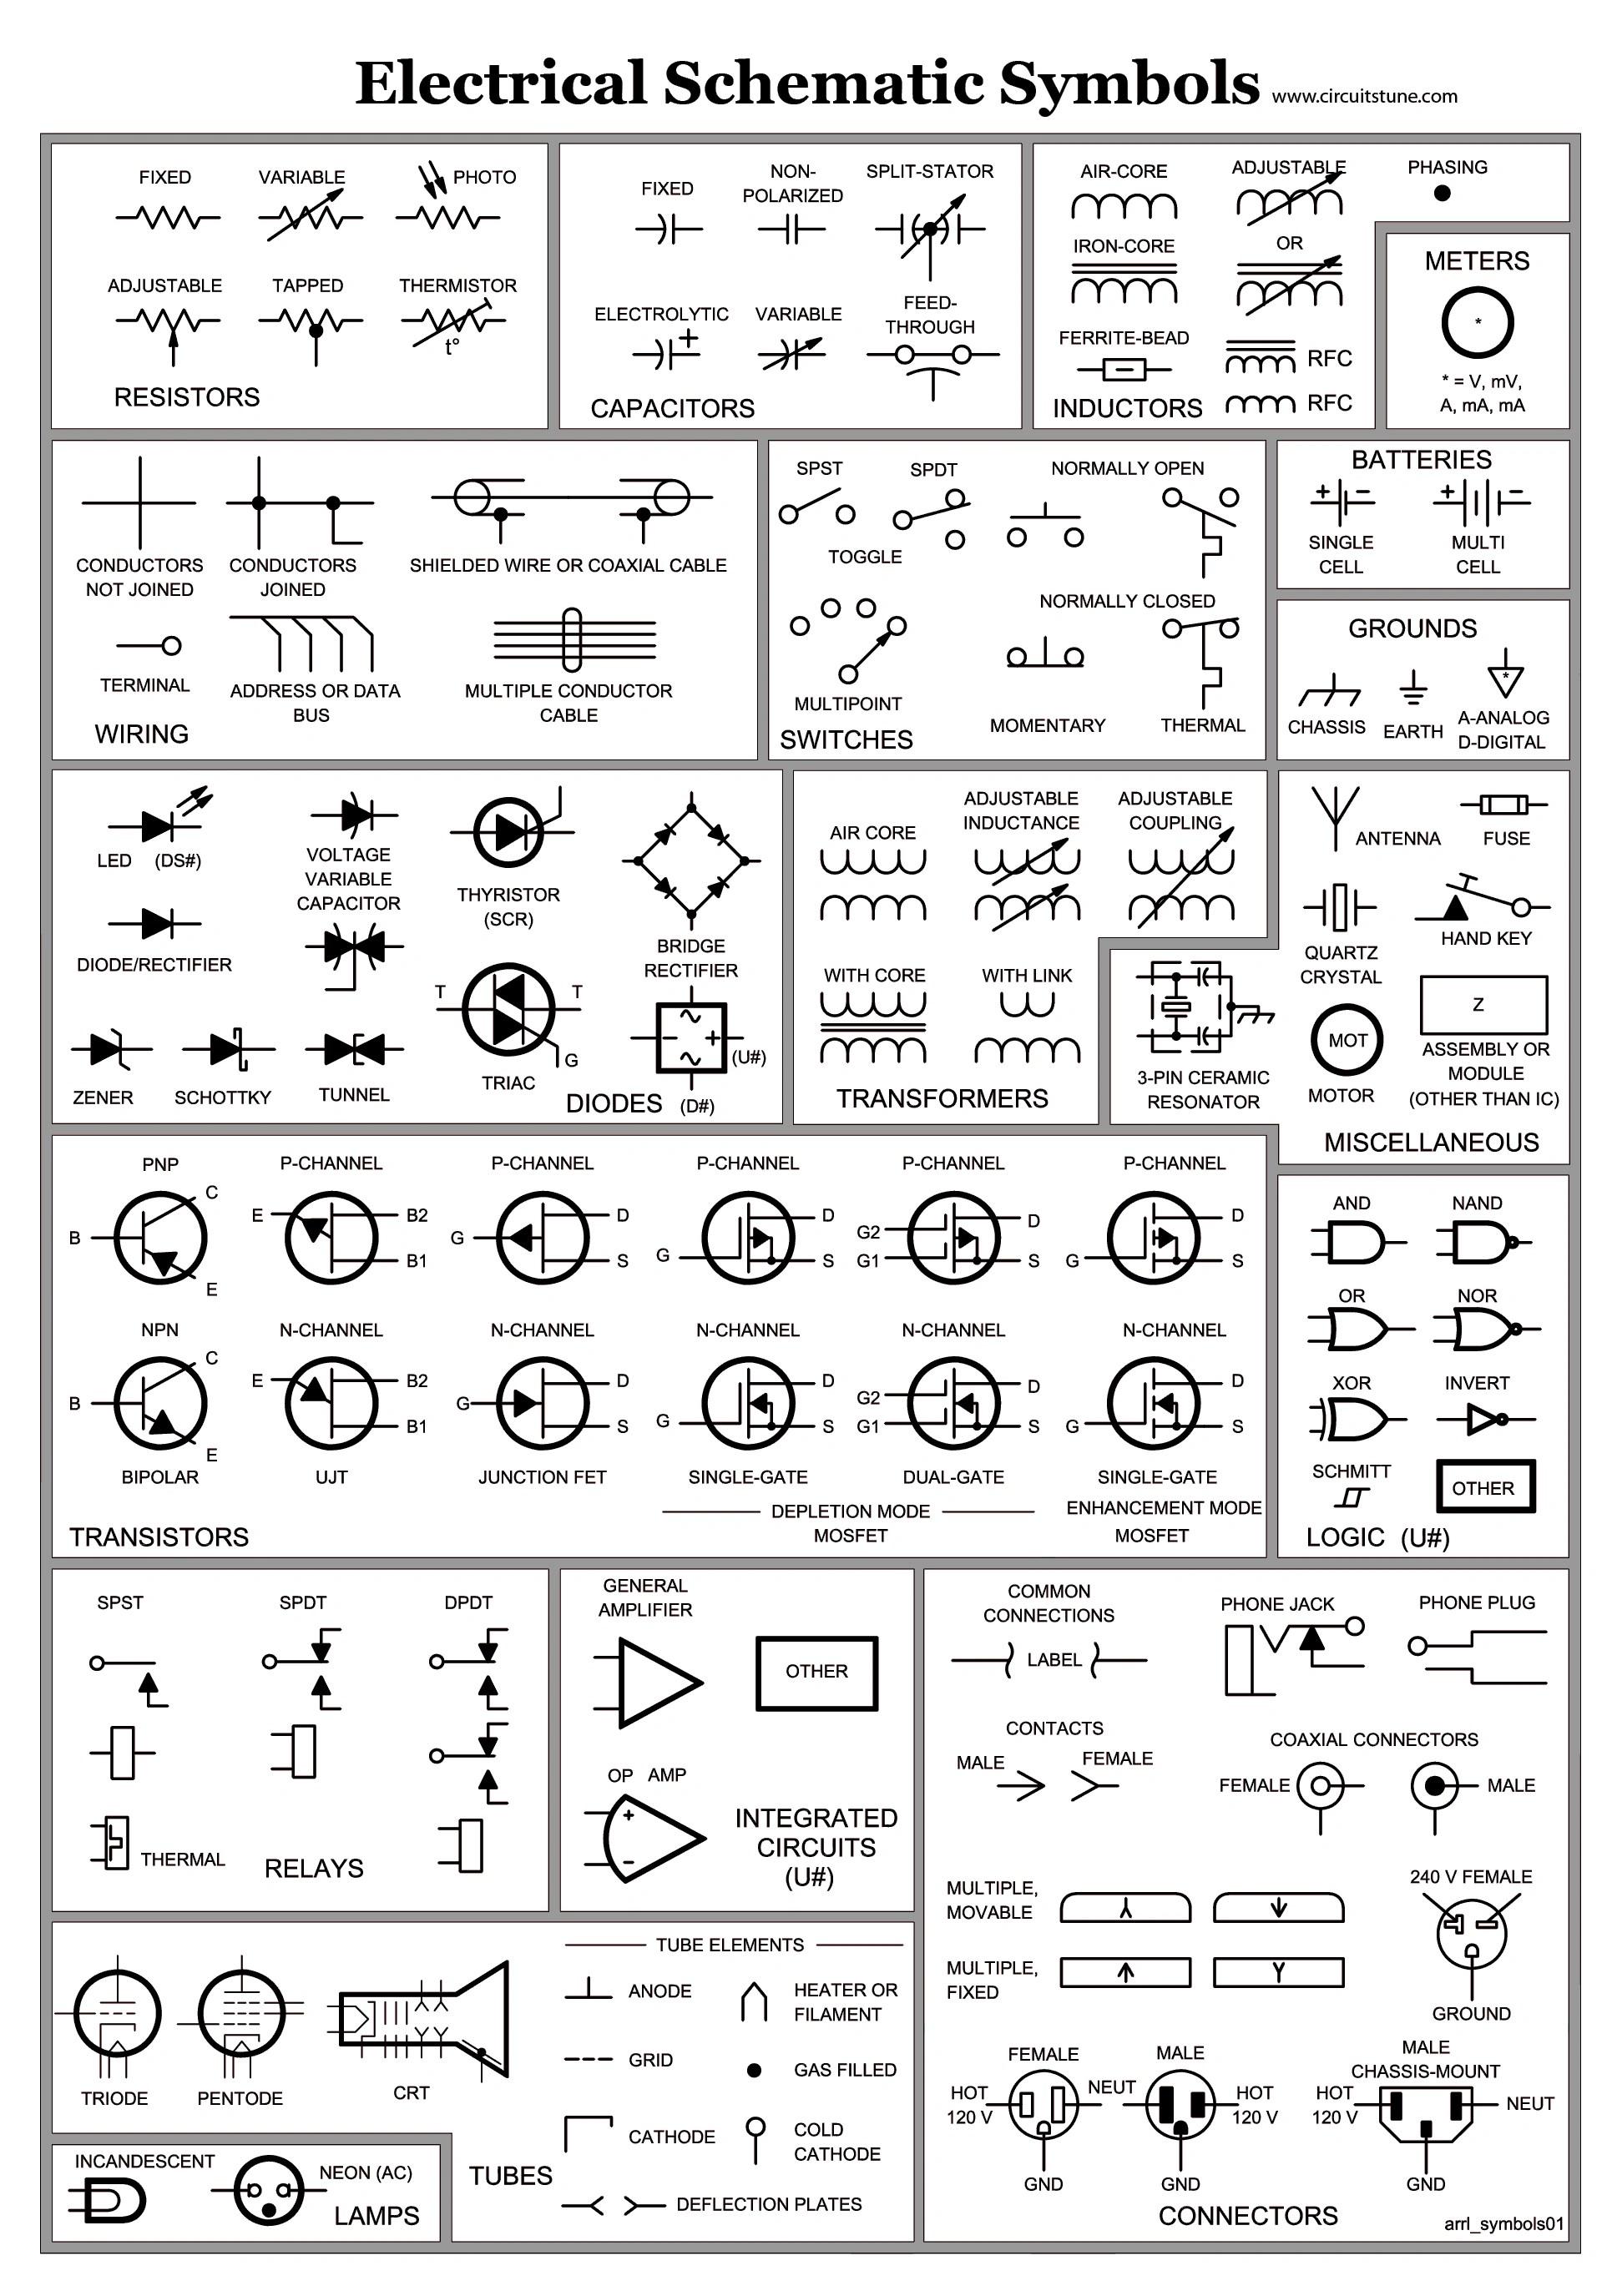 basic electrical wiring symbols pdf wiring diagram expert iec electrical schematic symbols pdf basic electrical wiring [ 1937 x 2751 Pixel ]